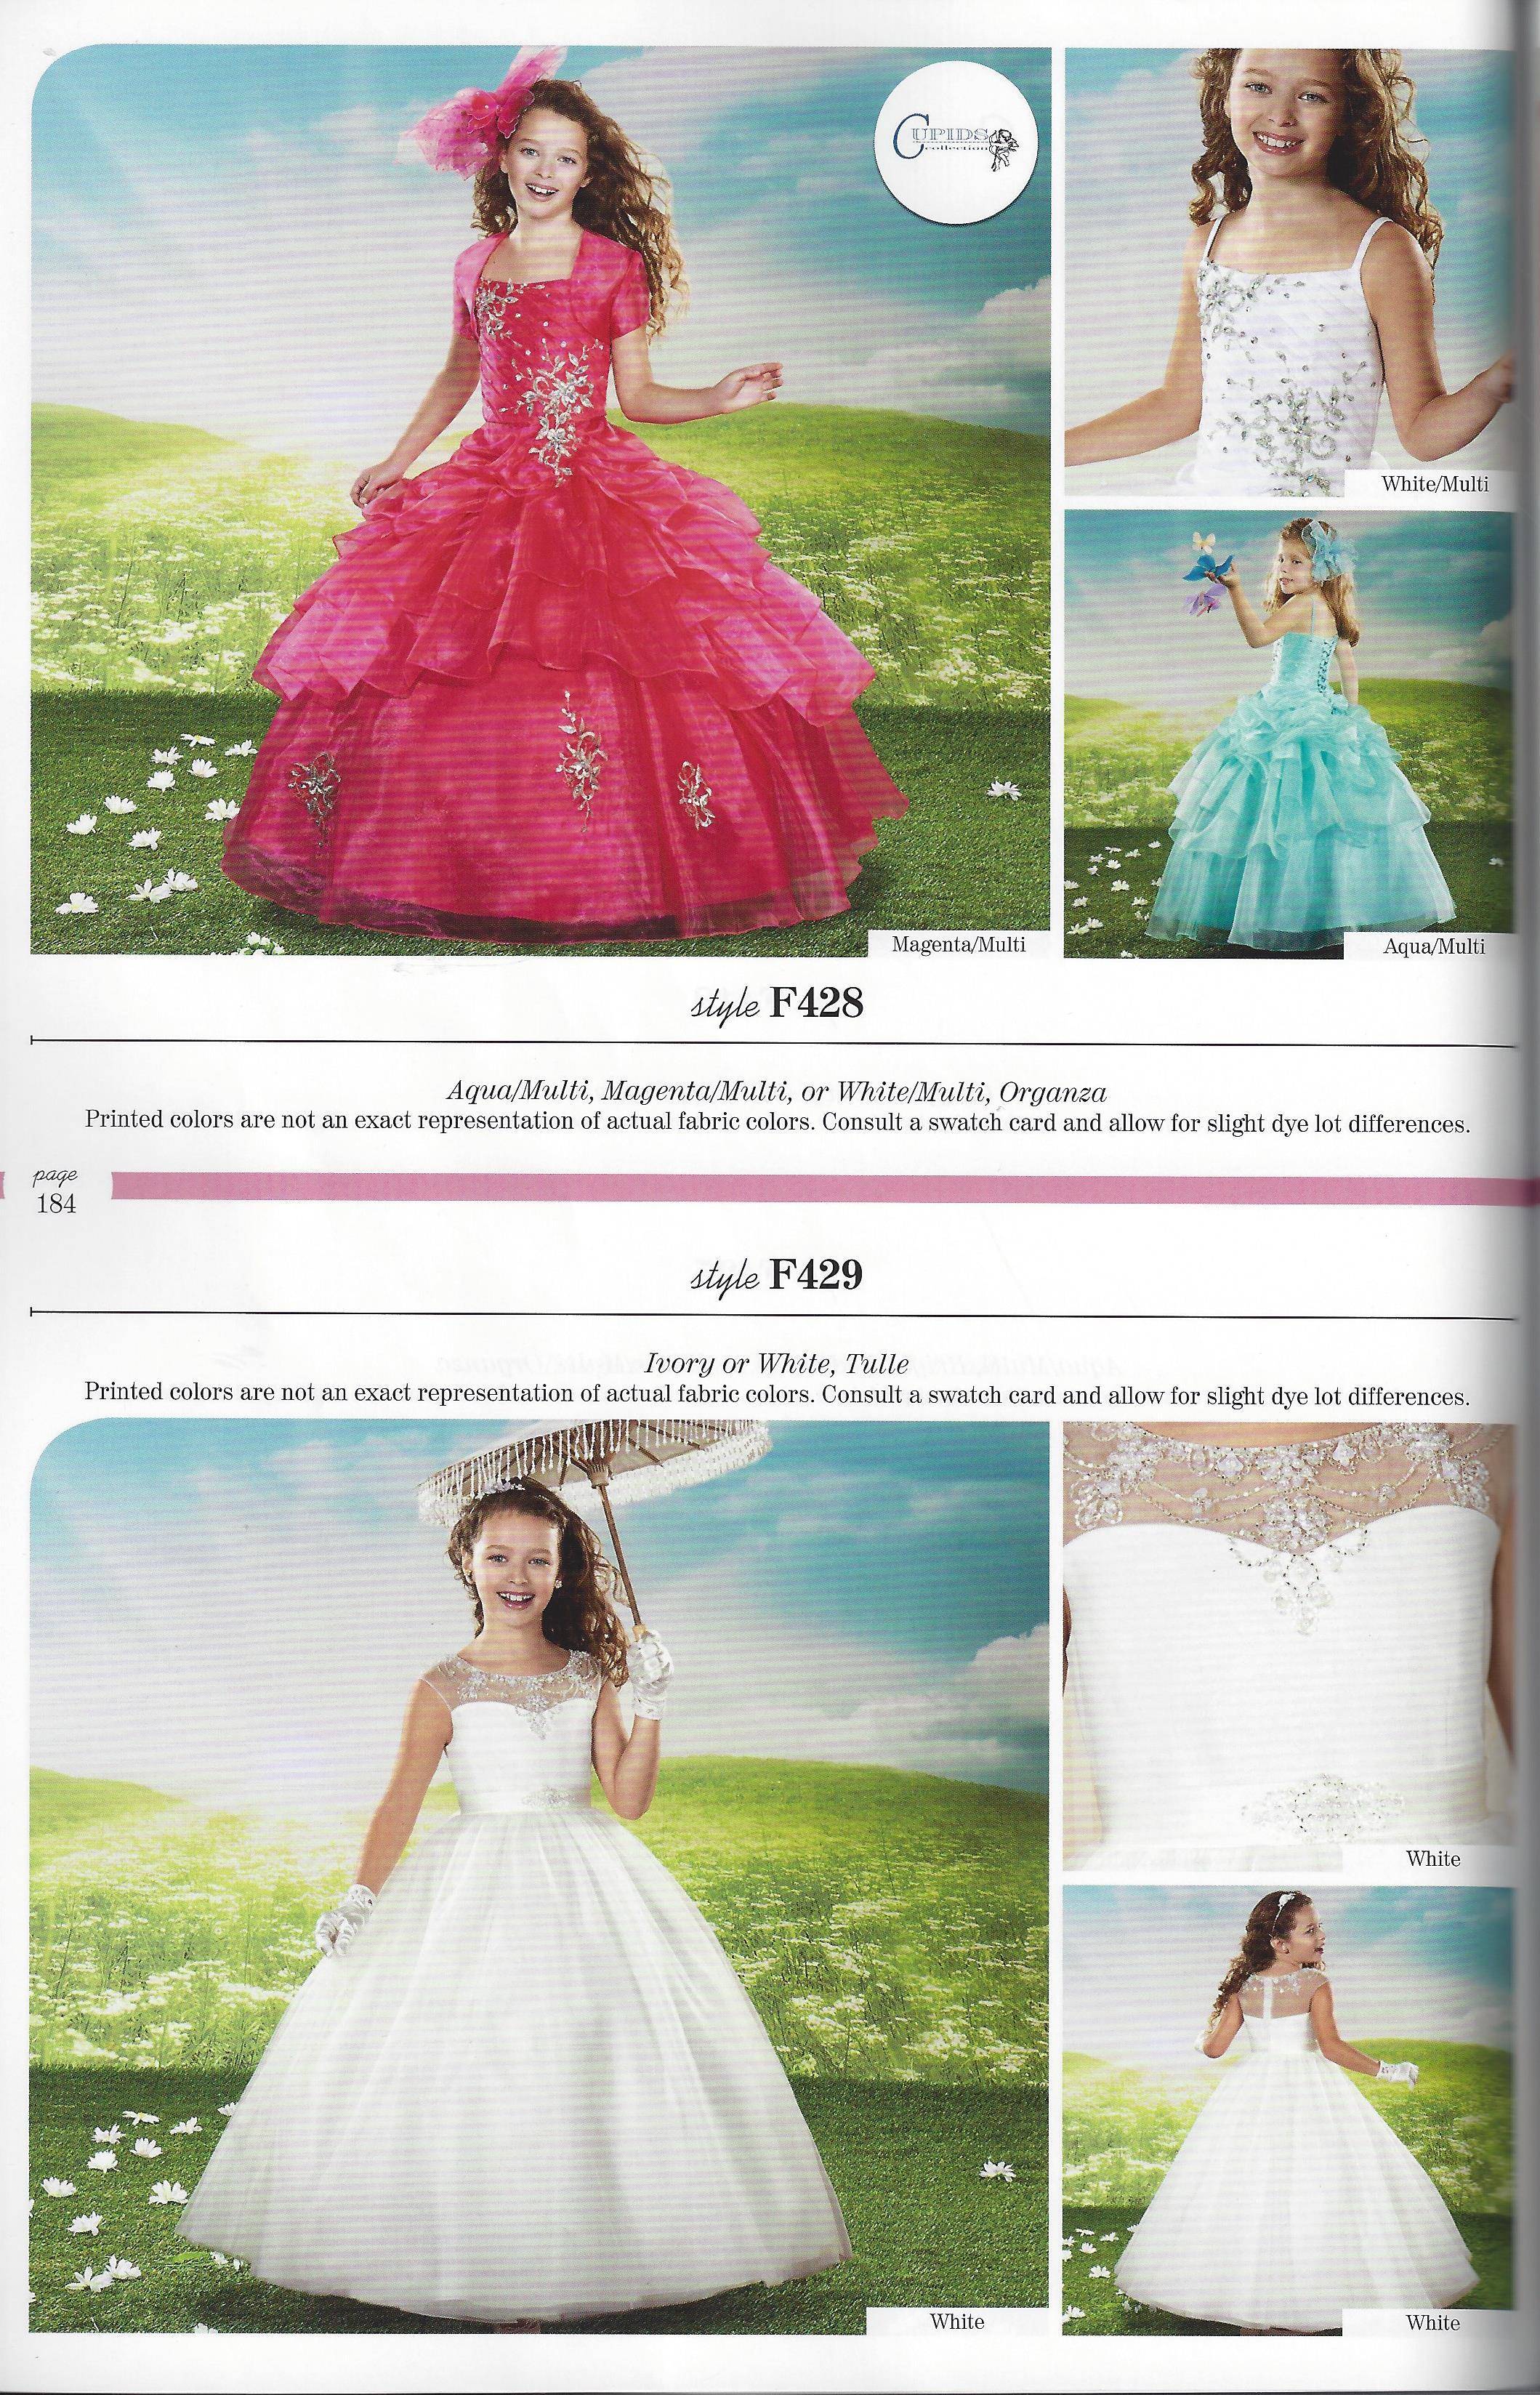 1bc370f408 Mary's Wedding Dress Catalog